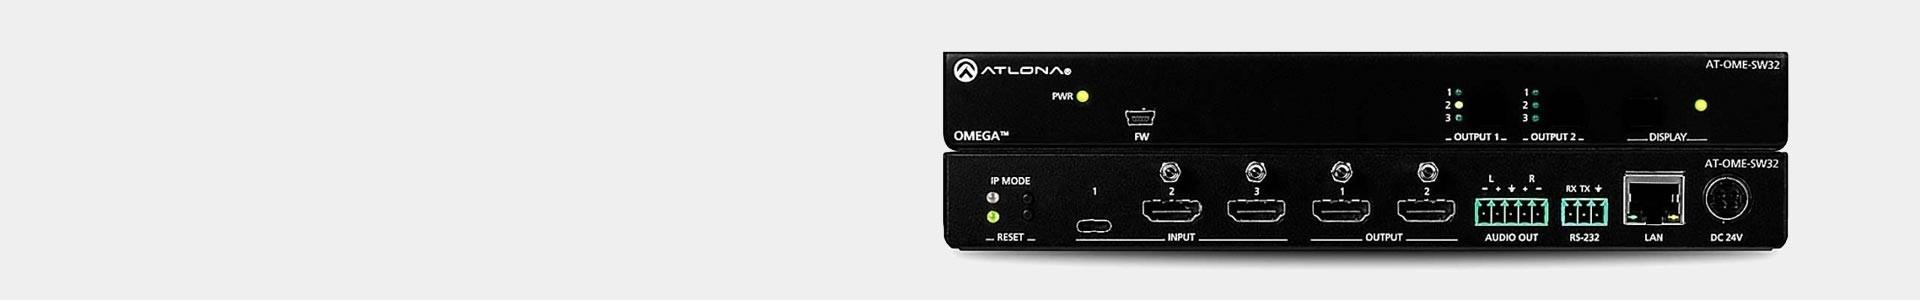 Matrici Video UHD Atlona - Migliore qualità e prezzo - Avacab